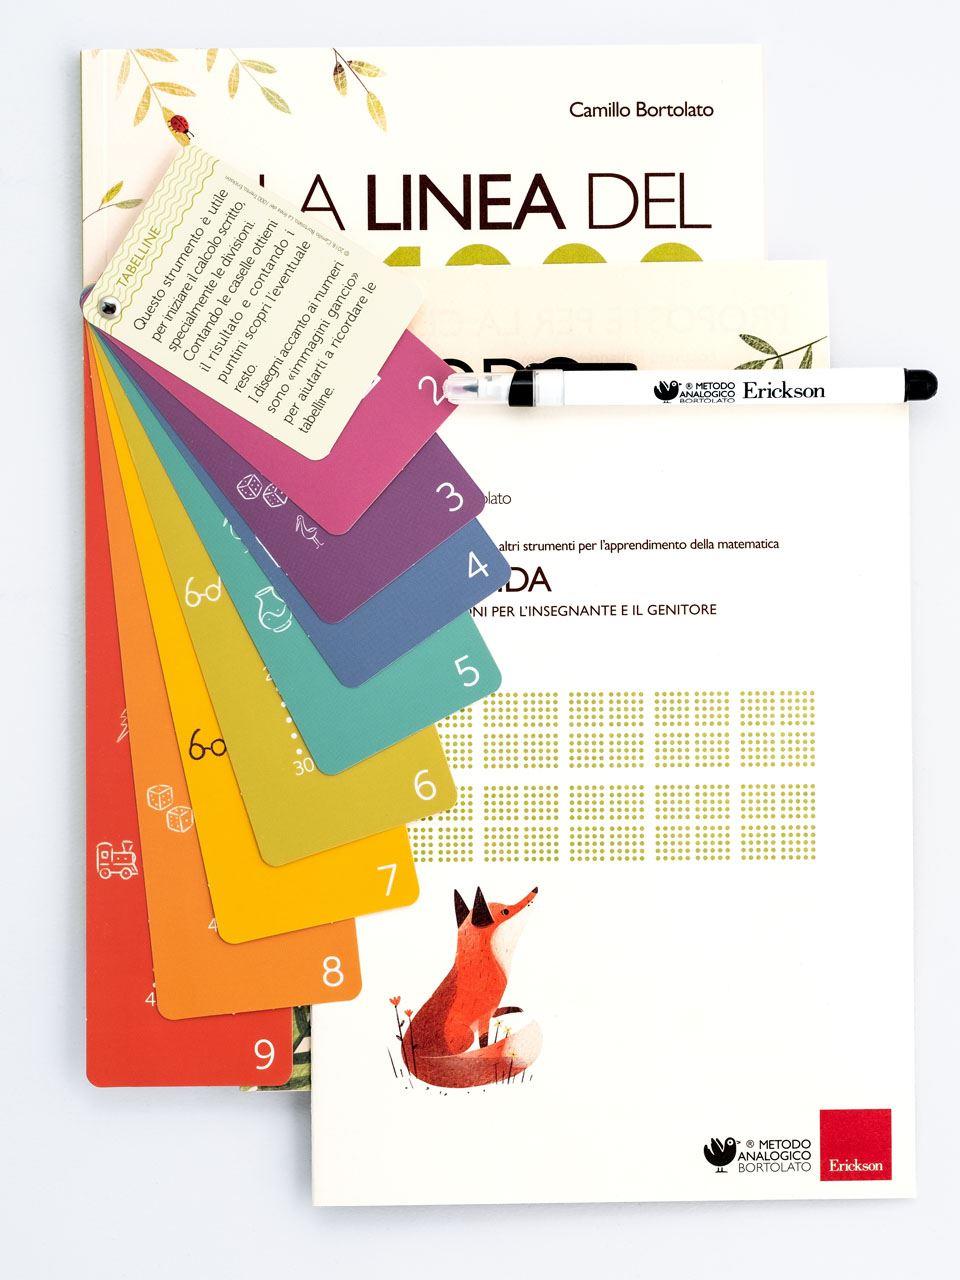 La linea del 1000 e altri strumenti per il calcolo - Libri - Erickson 3